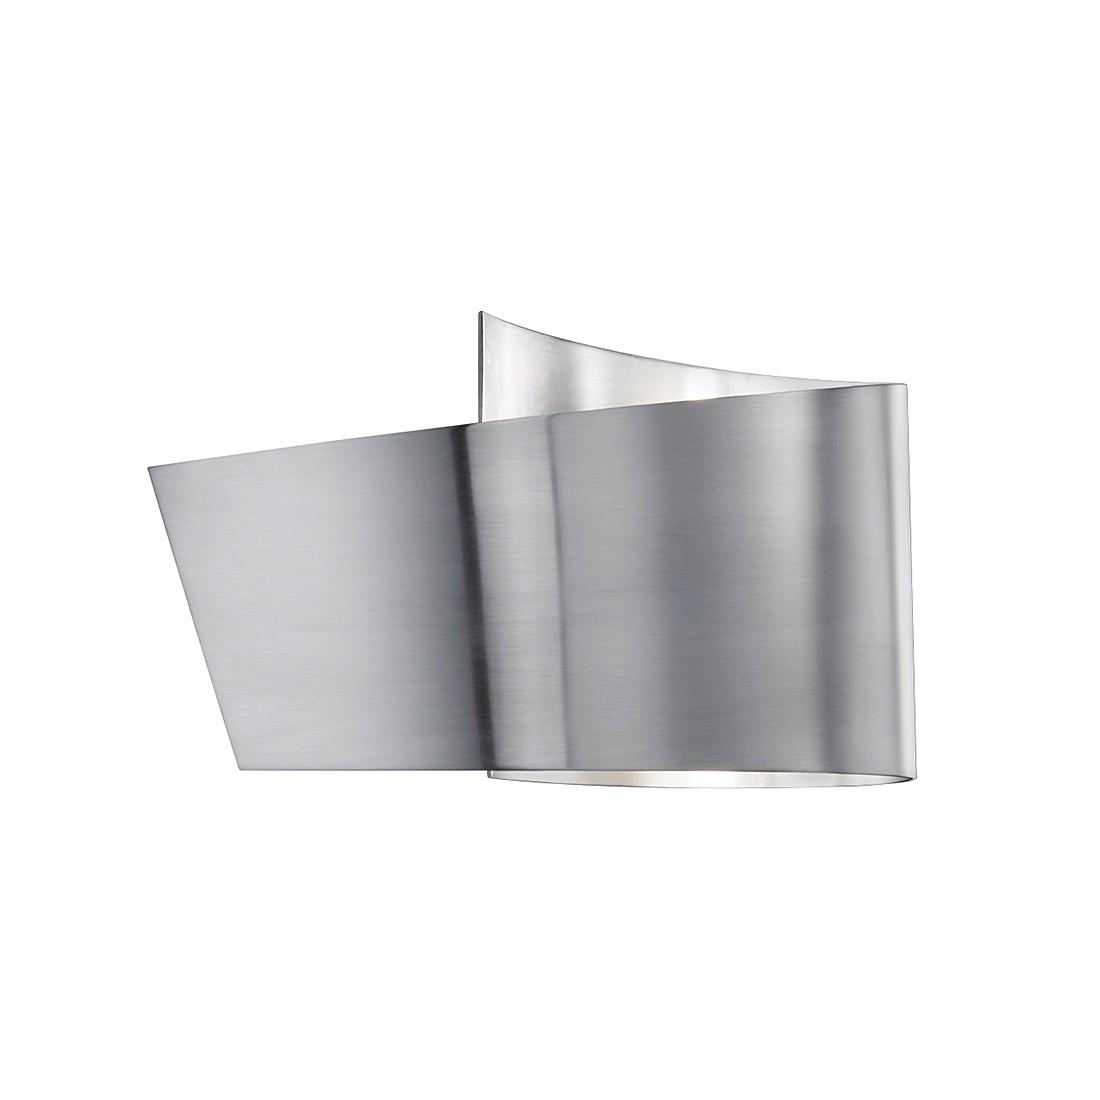 EEK A+, LED-Wandleuchte – Metall – Matt Nickel – 1-flammig, Trio jetzt bestellen